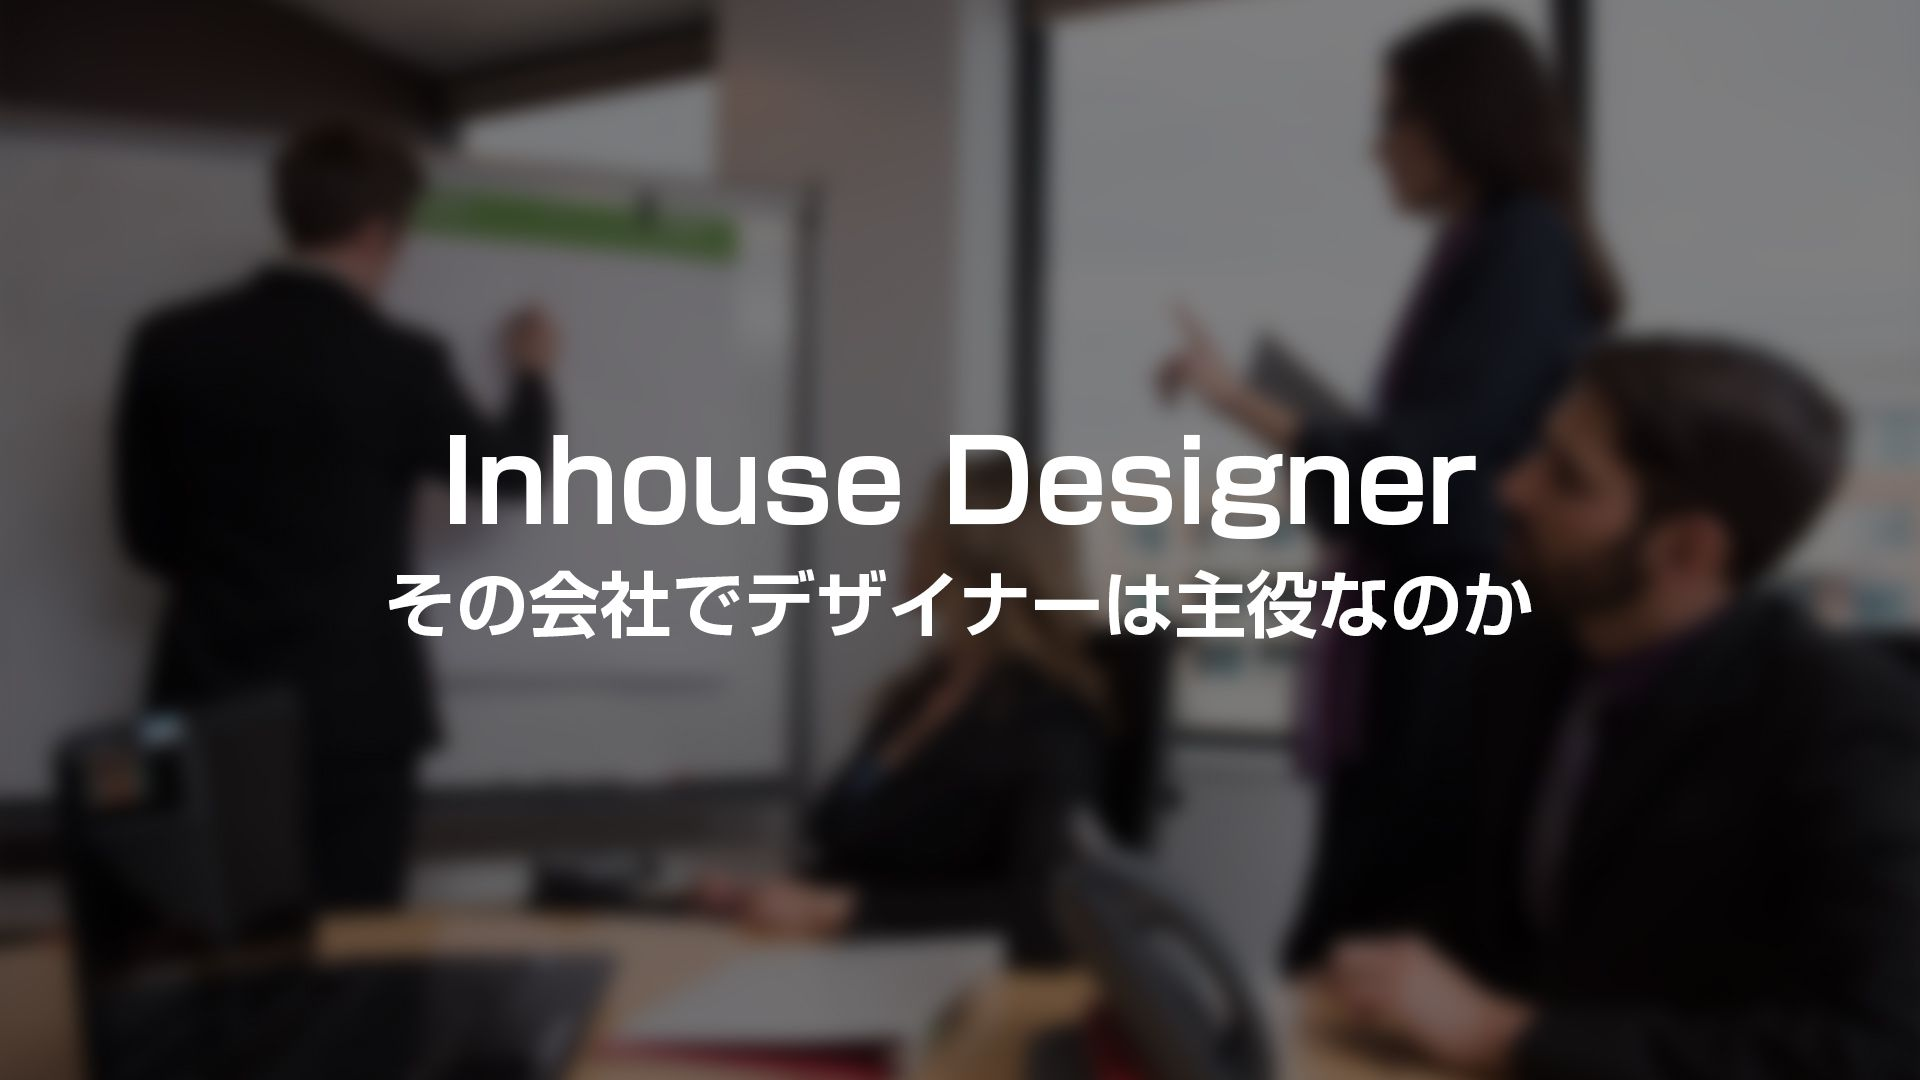 インハウスデザイナーの会社選びの重要な基準【主役になれるか】